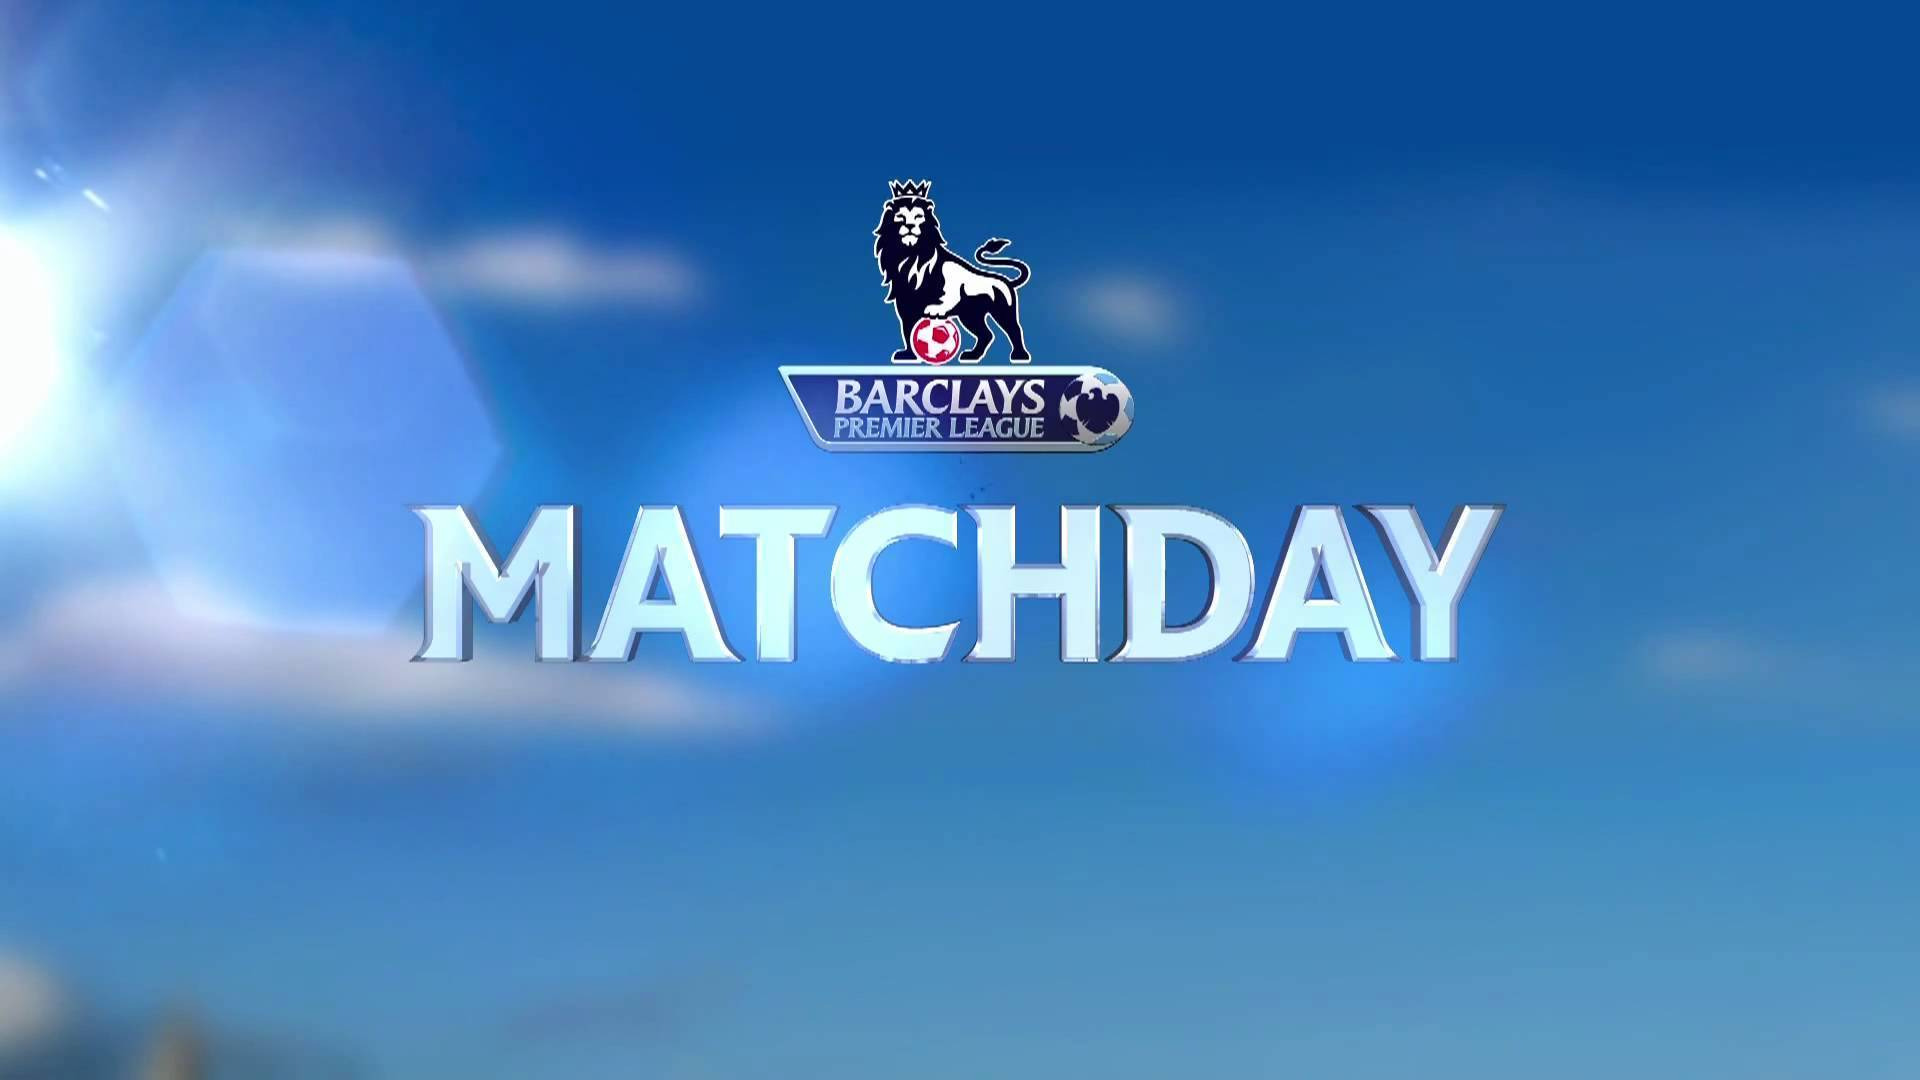 Show Premier League Soccer